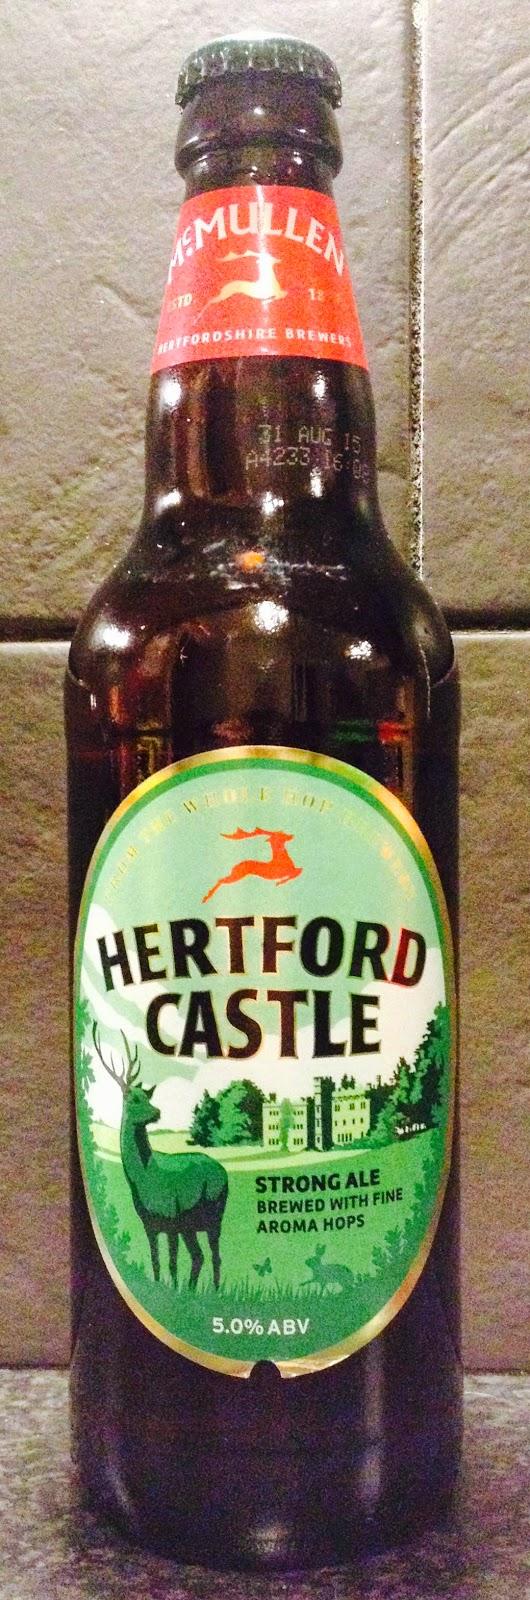 Hertford Castle (McMullen)